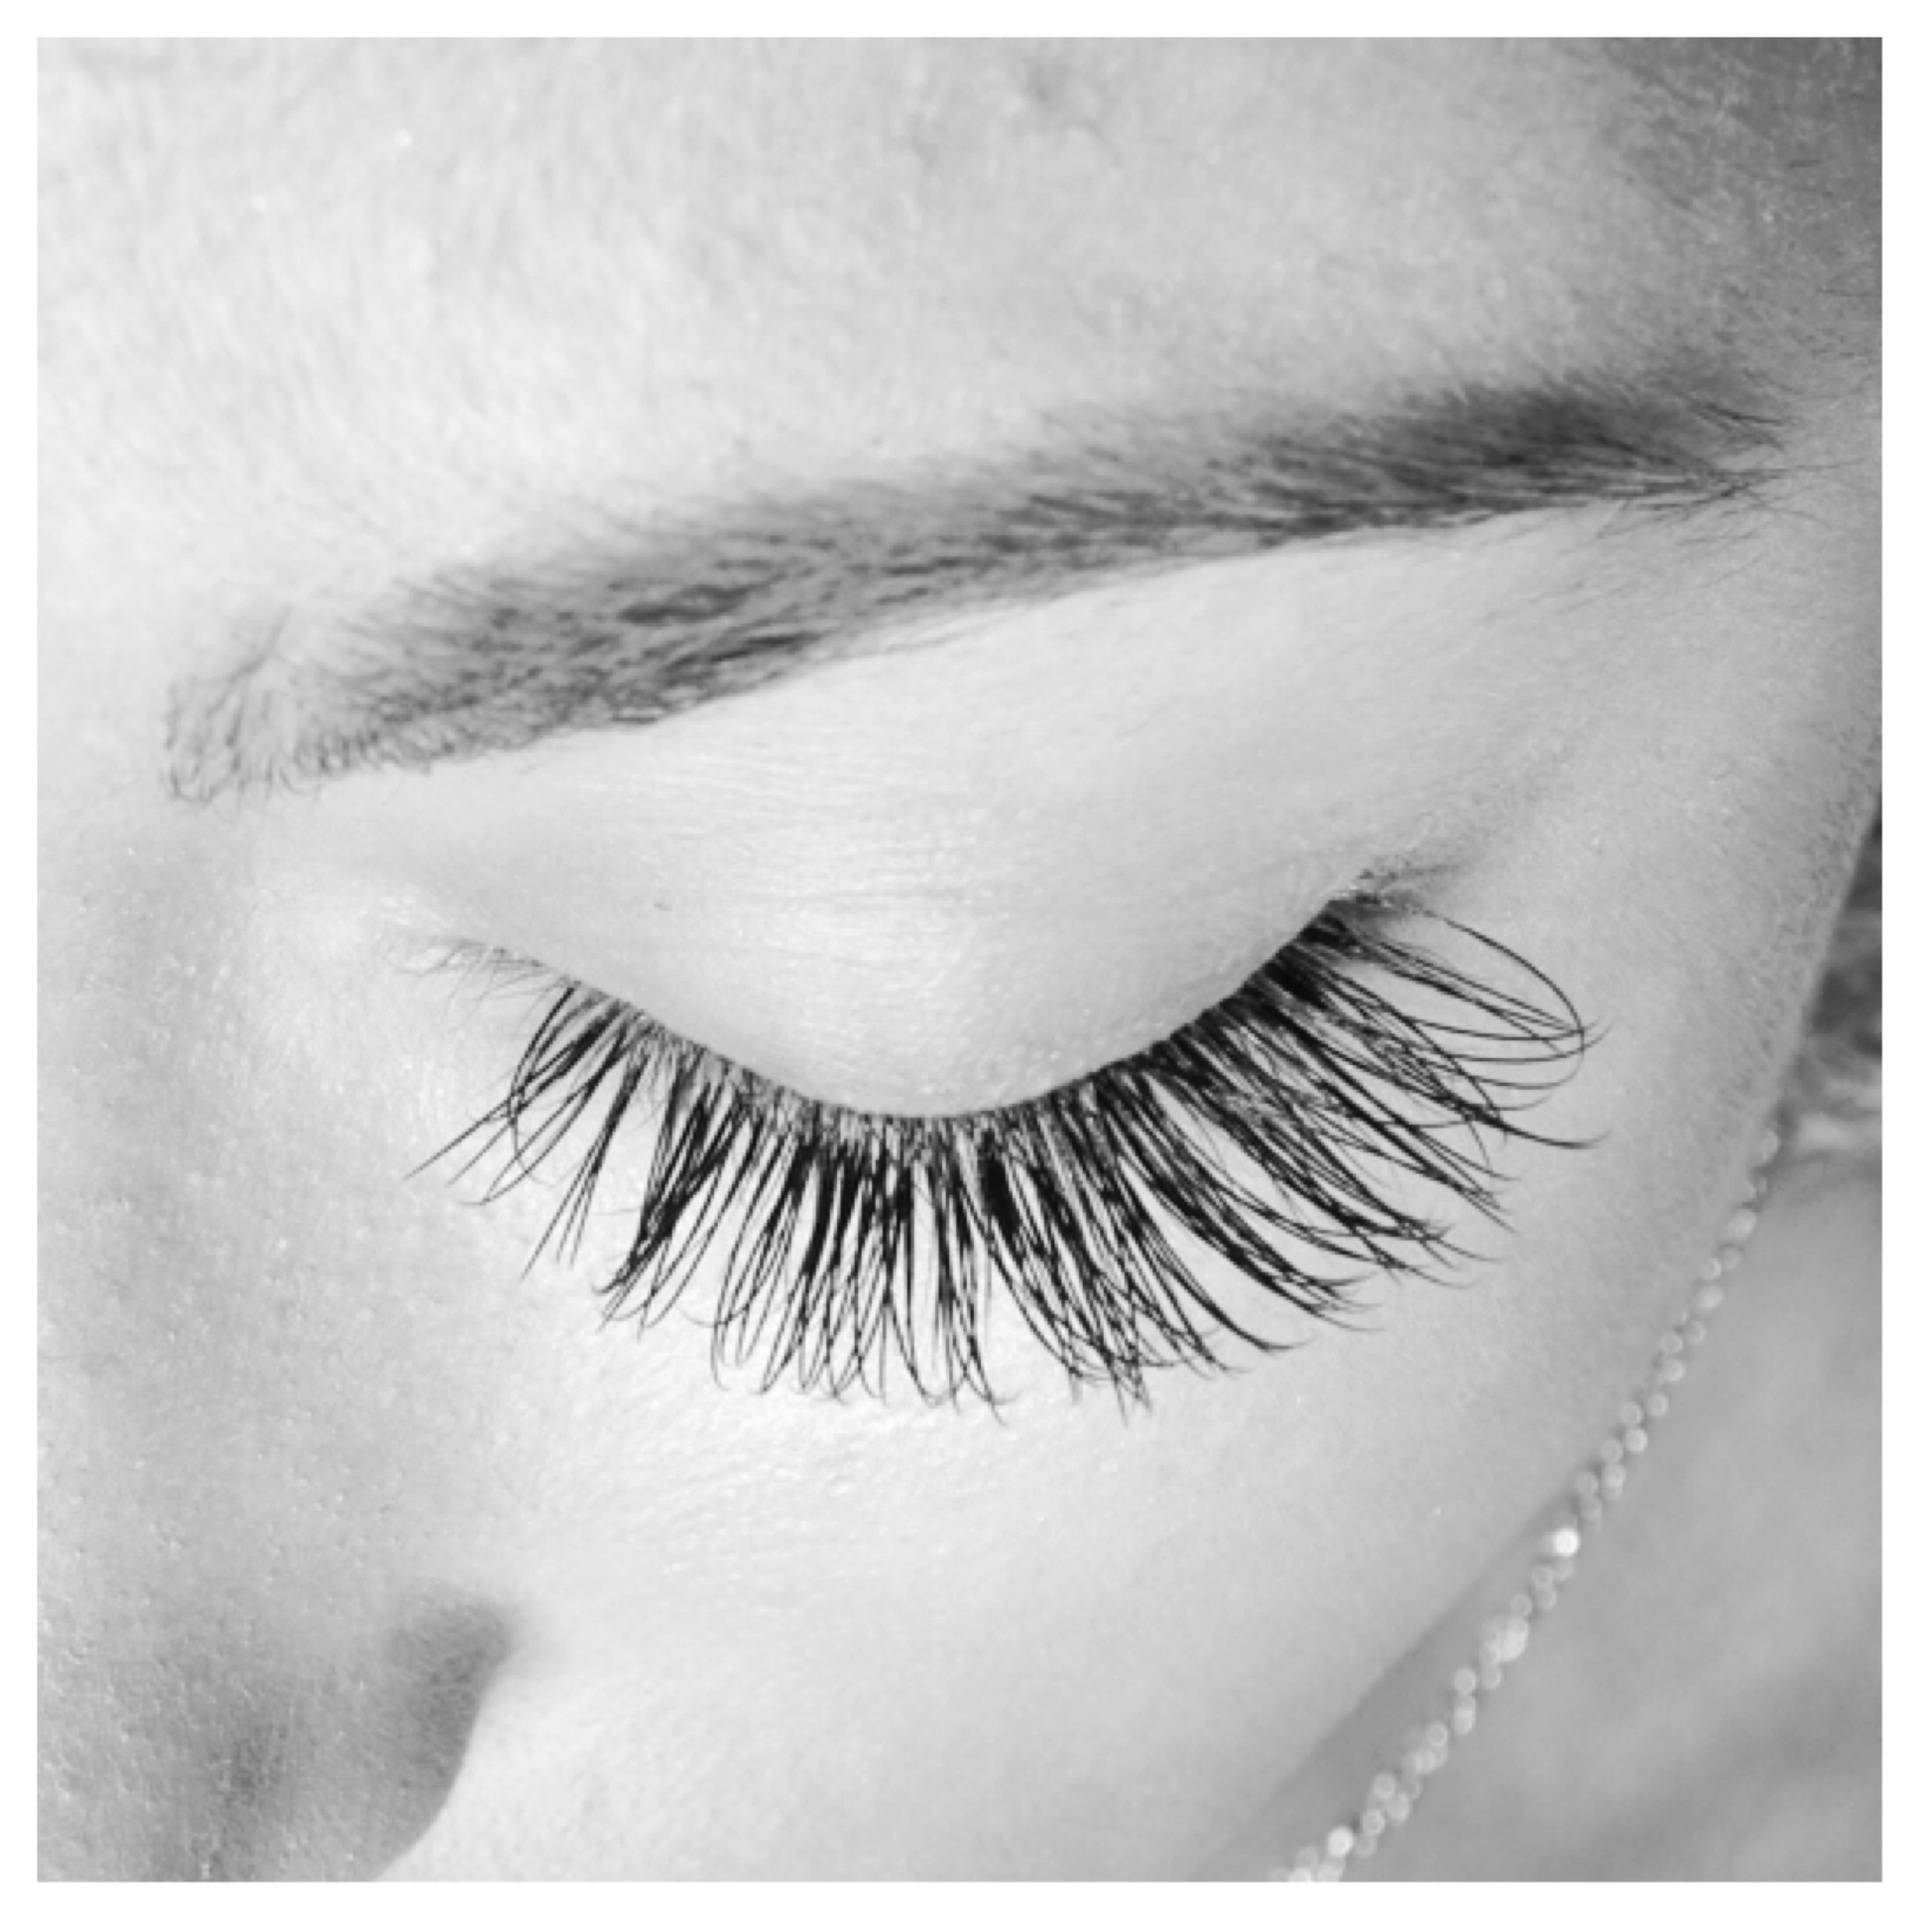 LashMaxx Eyelash Extensions